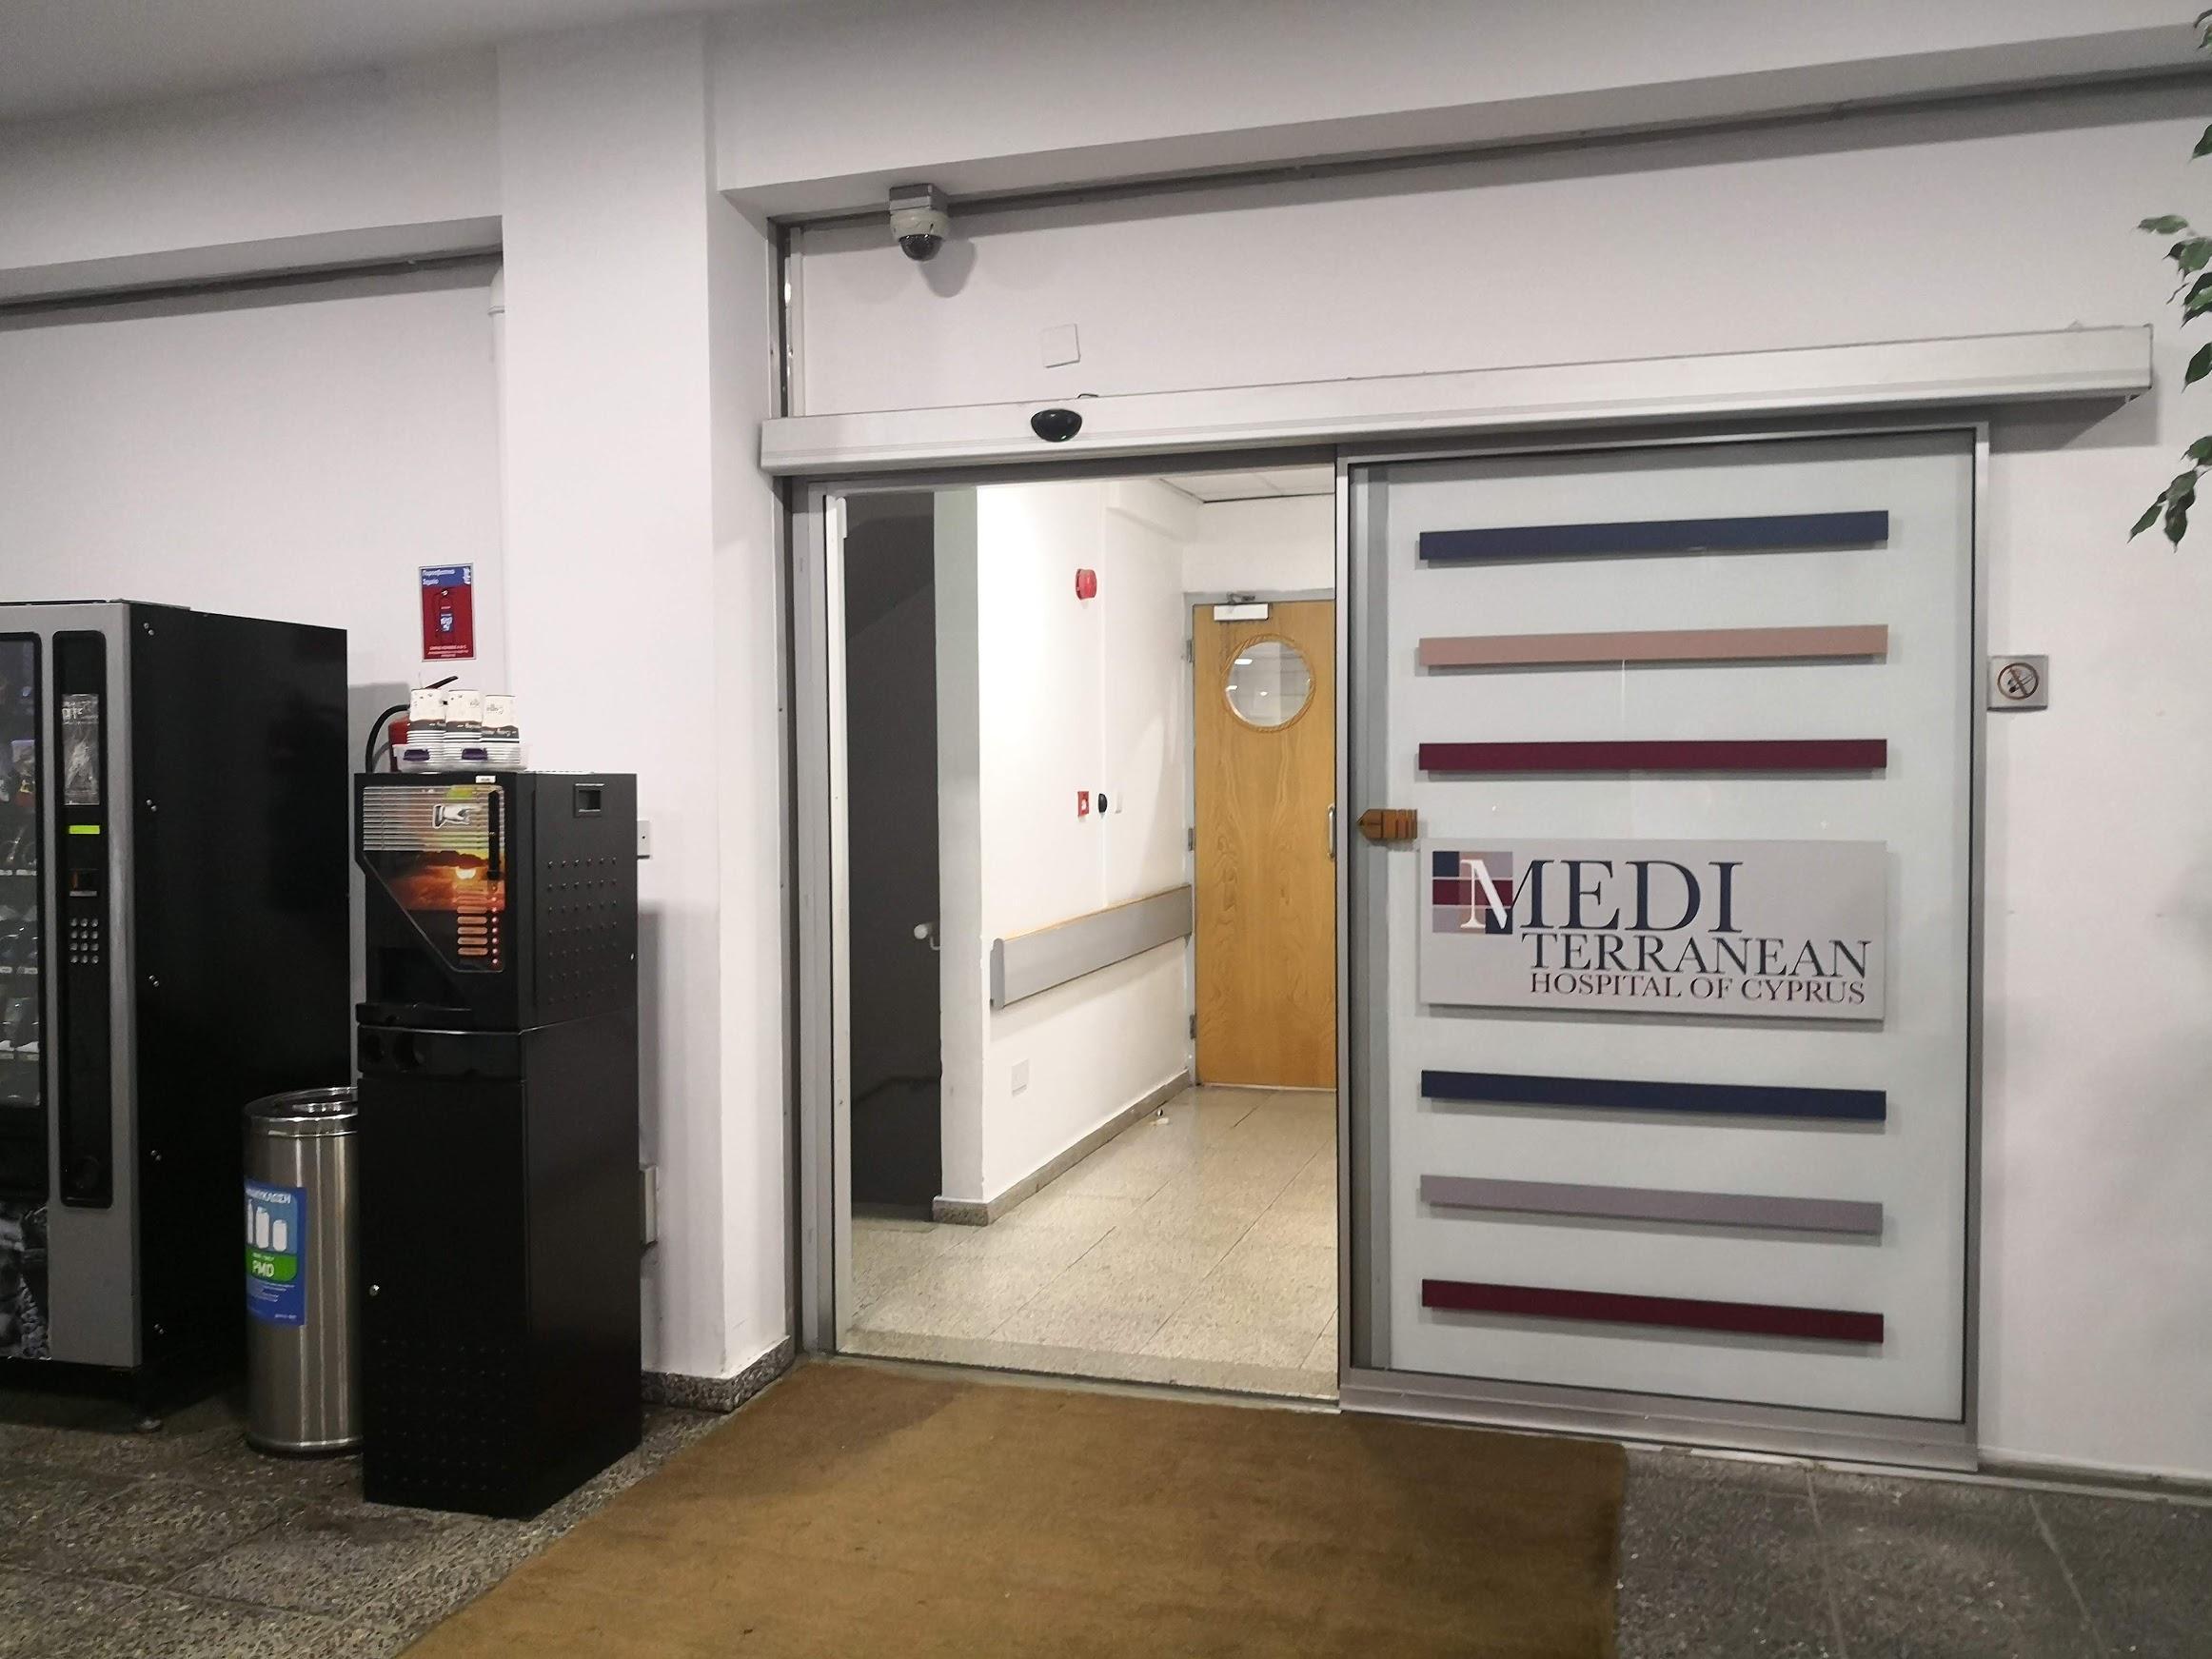 Mediterranean Hospital of Cyprus расширят вдвое